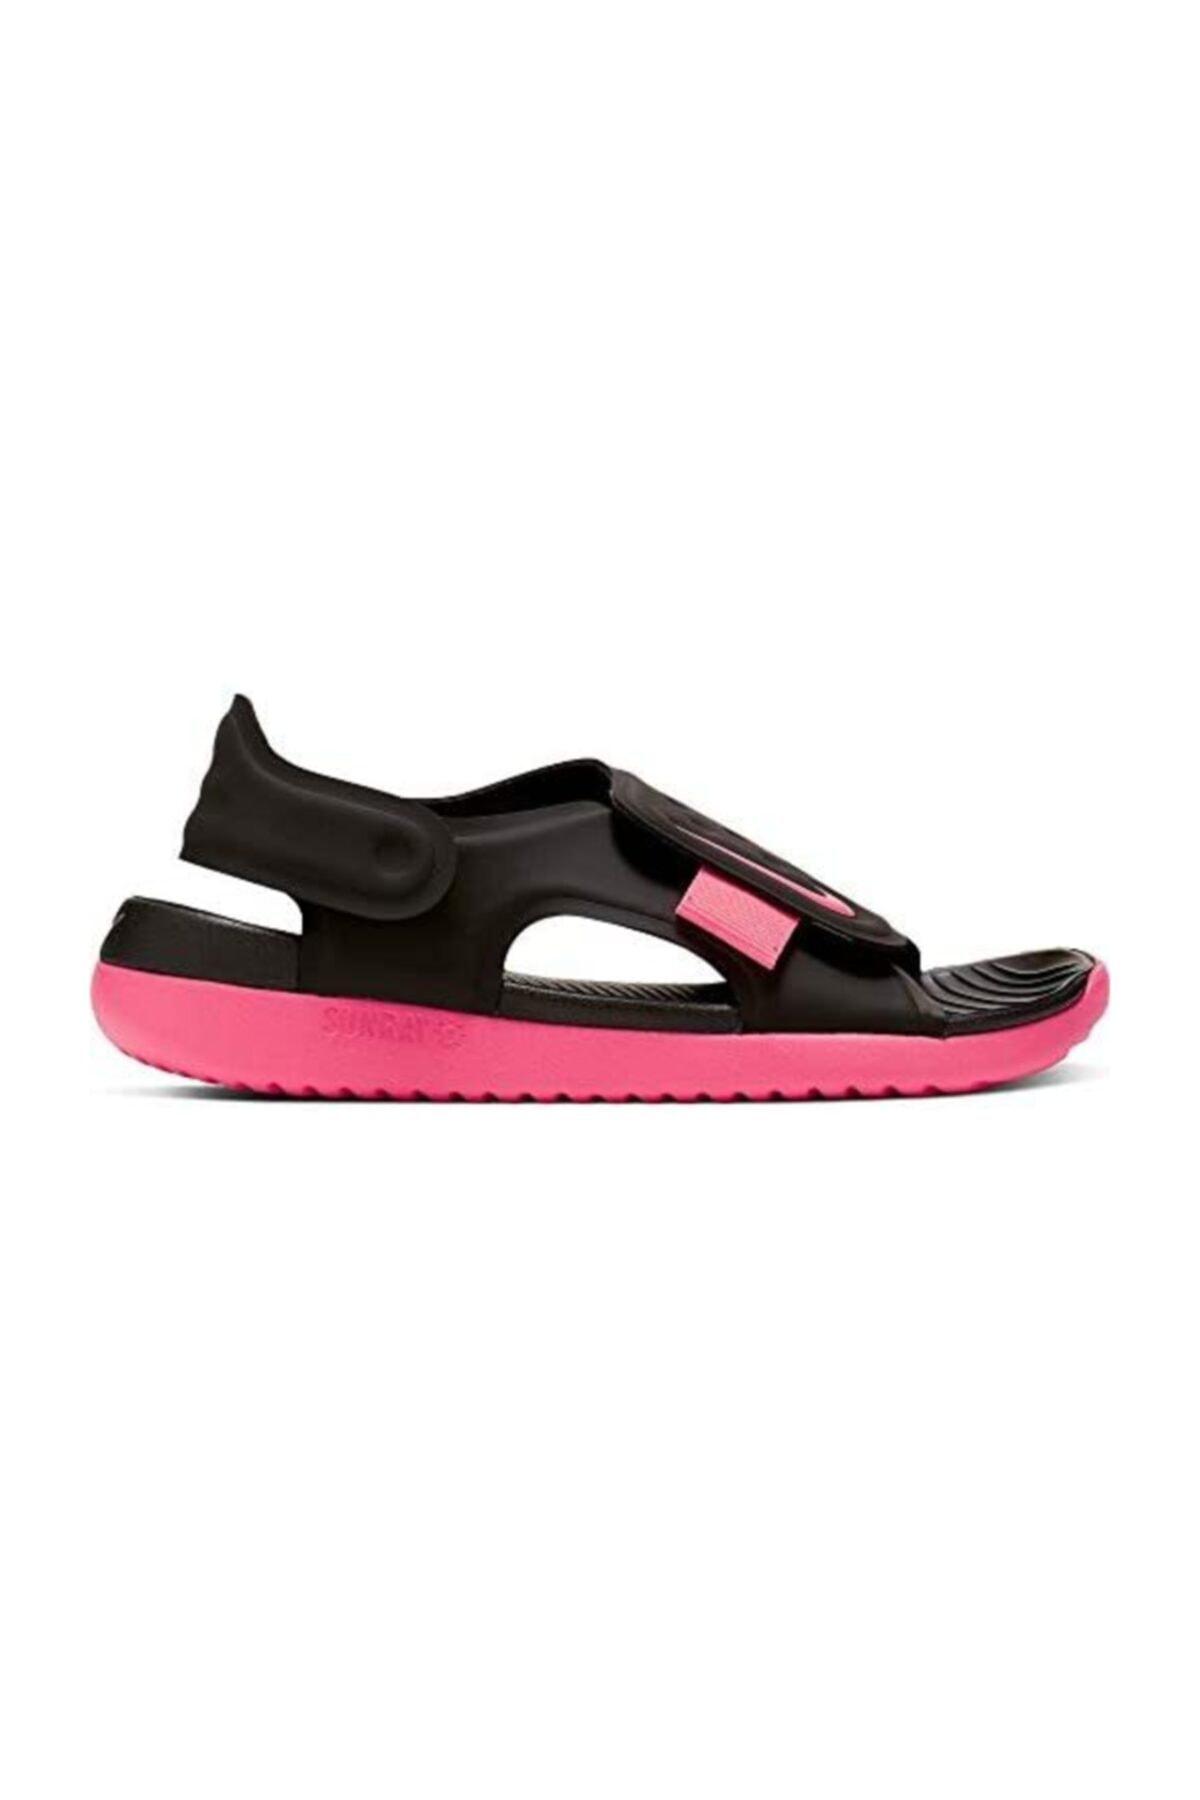 Nike Sunray Adjust 5 - Aj9076-002 Sandalet 1